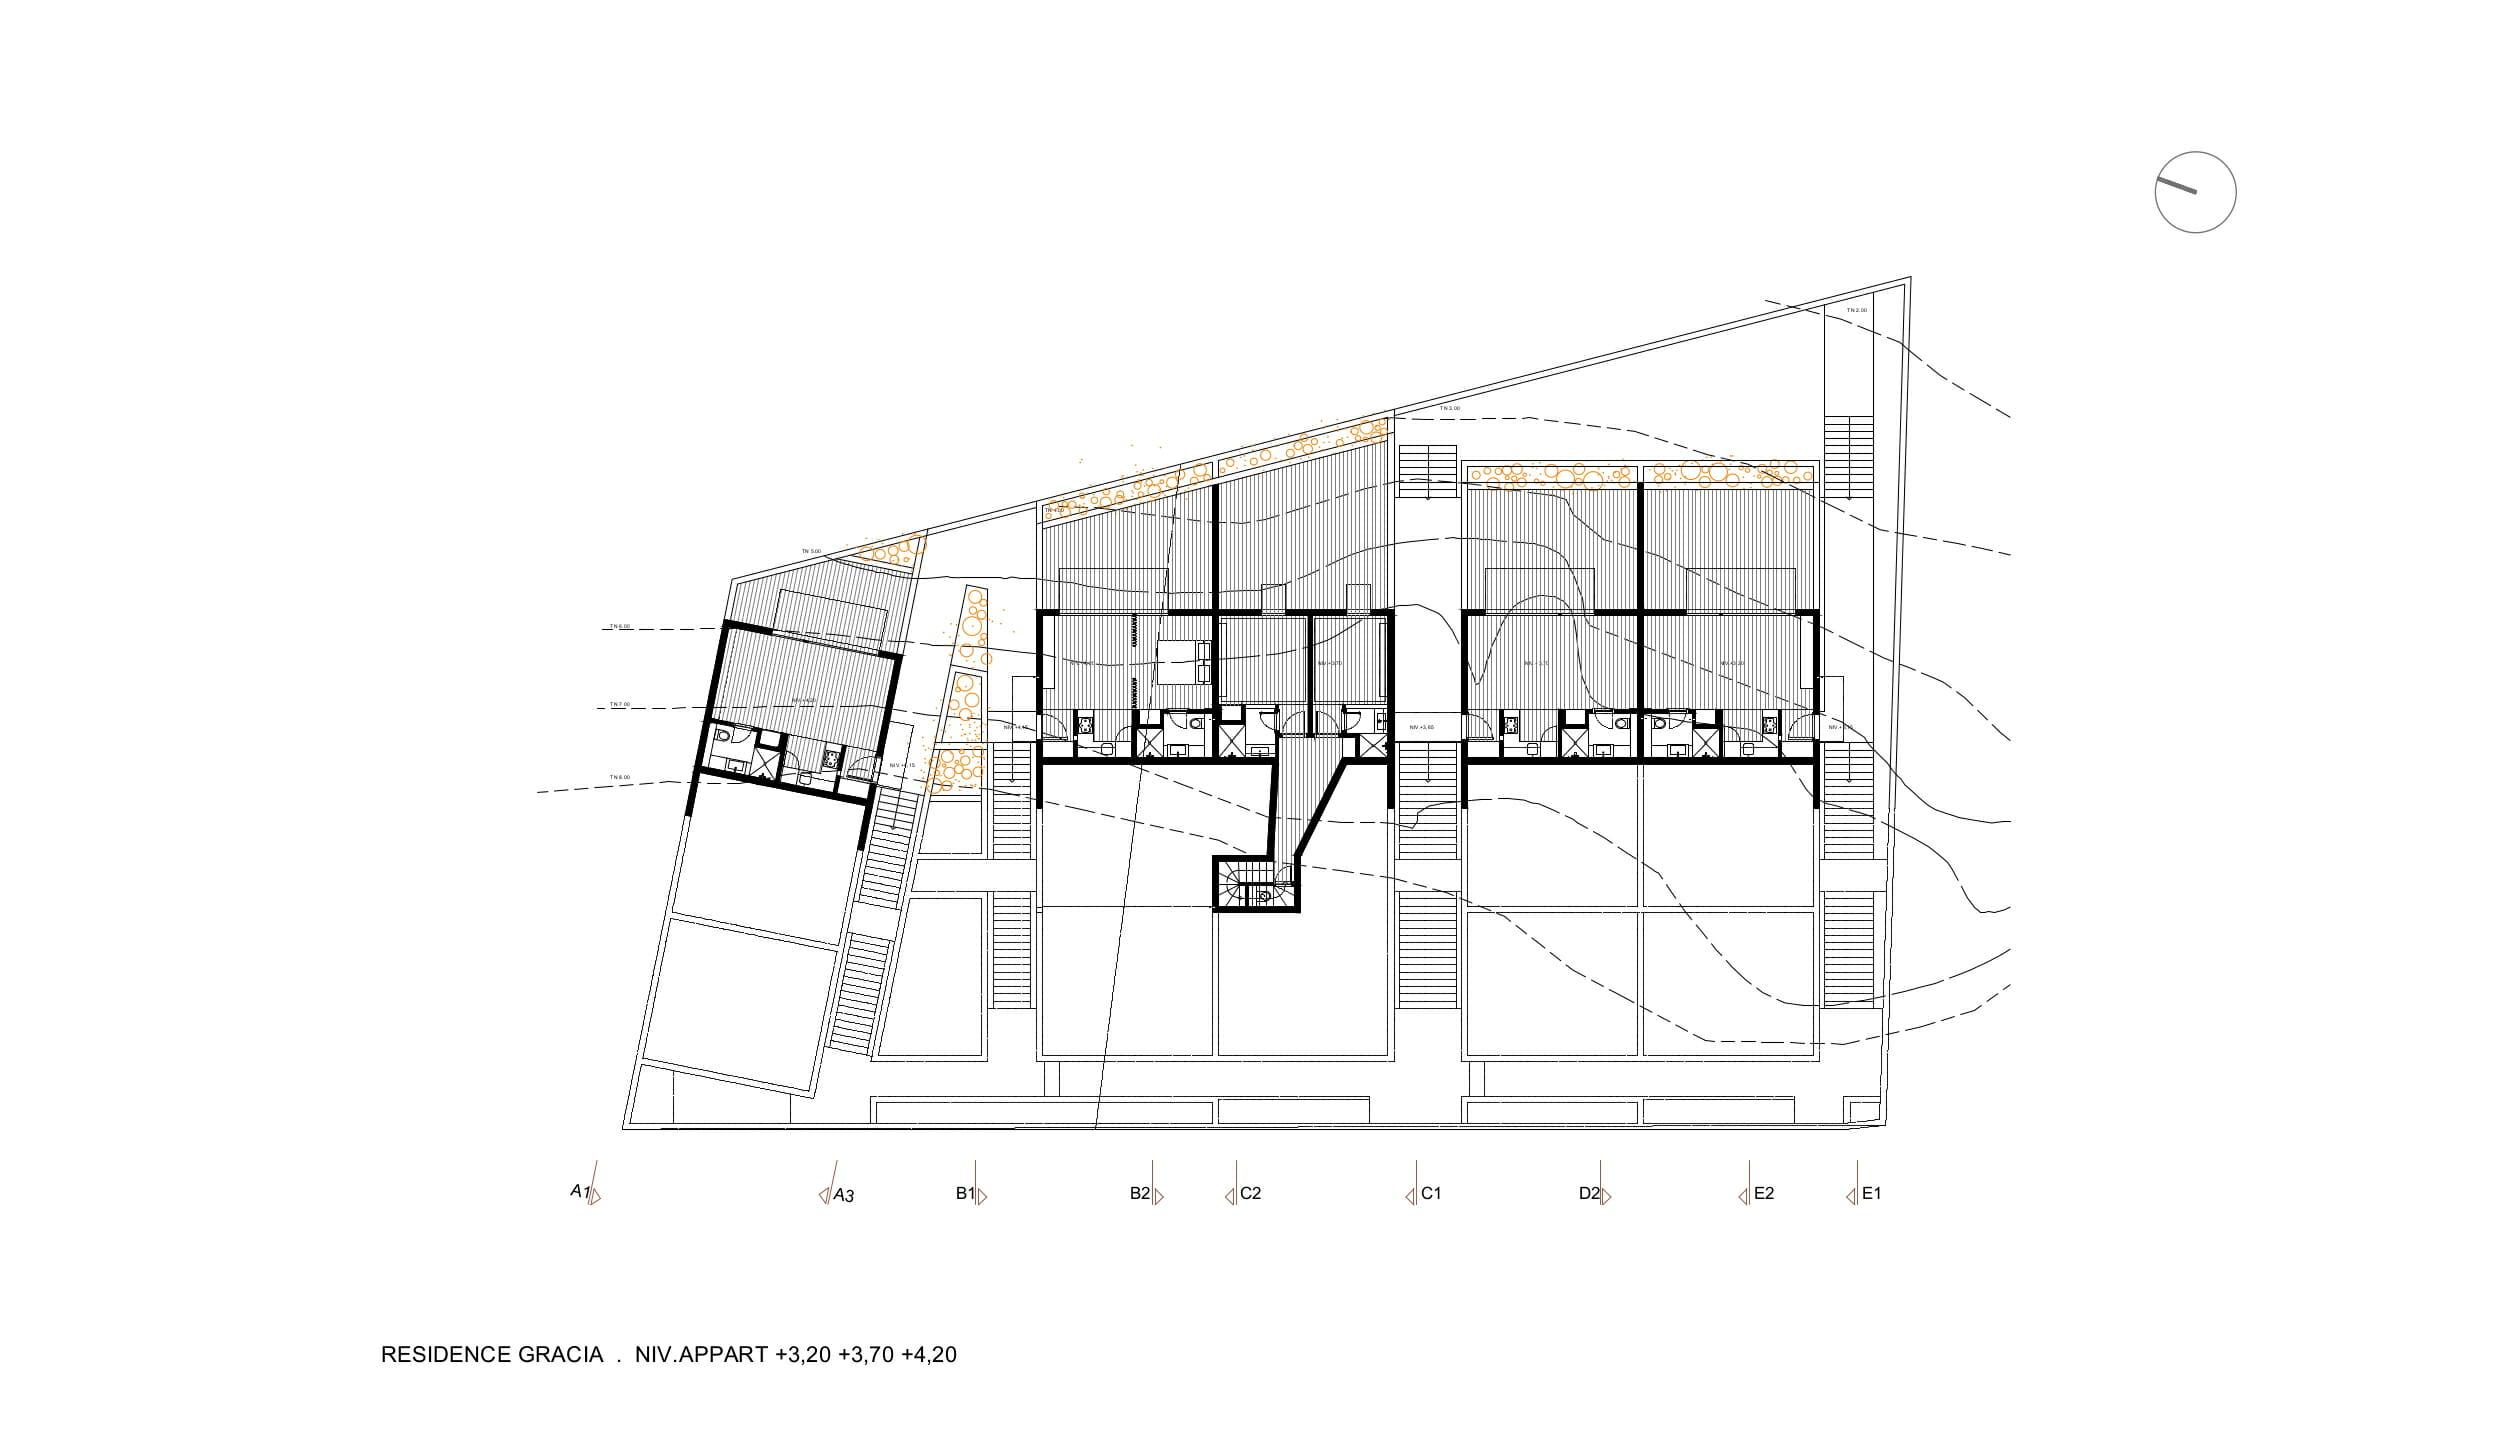 GRACIA.plan 01-appart +3.20